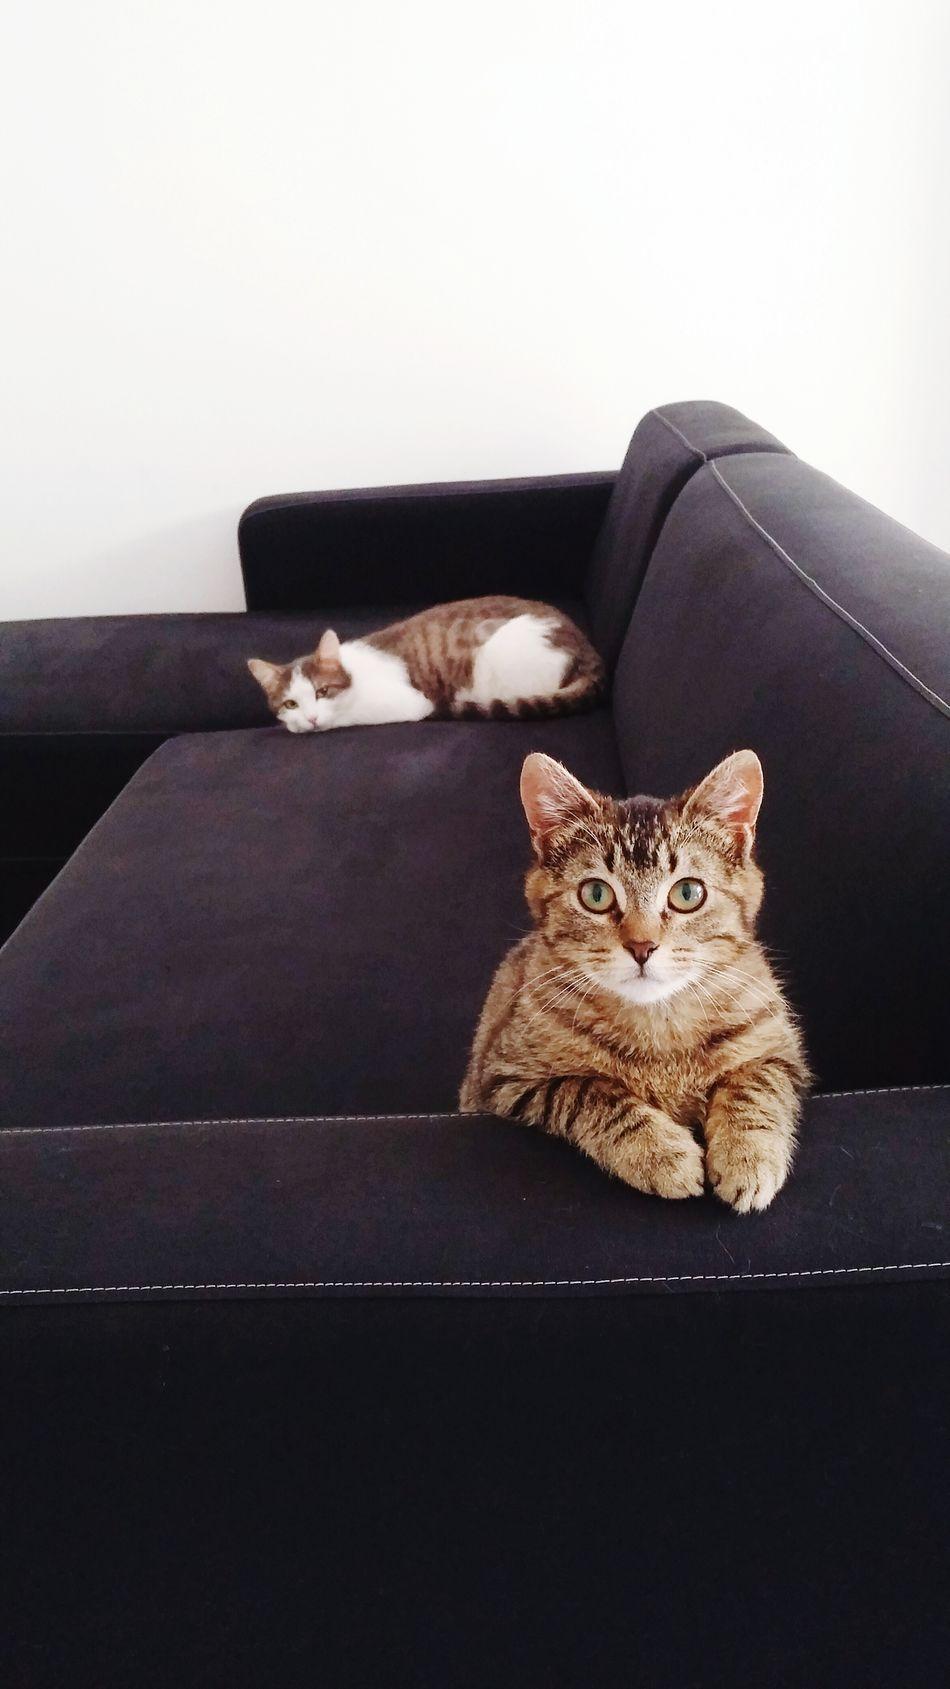 Neko neko ^^ Cats 🐱 Cat Eyes Cat Lovers Cat Cats Cats Of EyeEm Chat Adorable Cat  Adorable Cute Cute Pets Cute Cats (>^ω^<) Pet Cute Cat